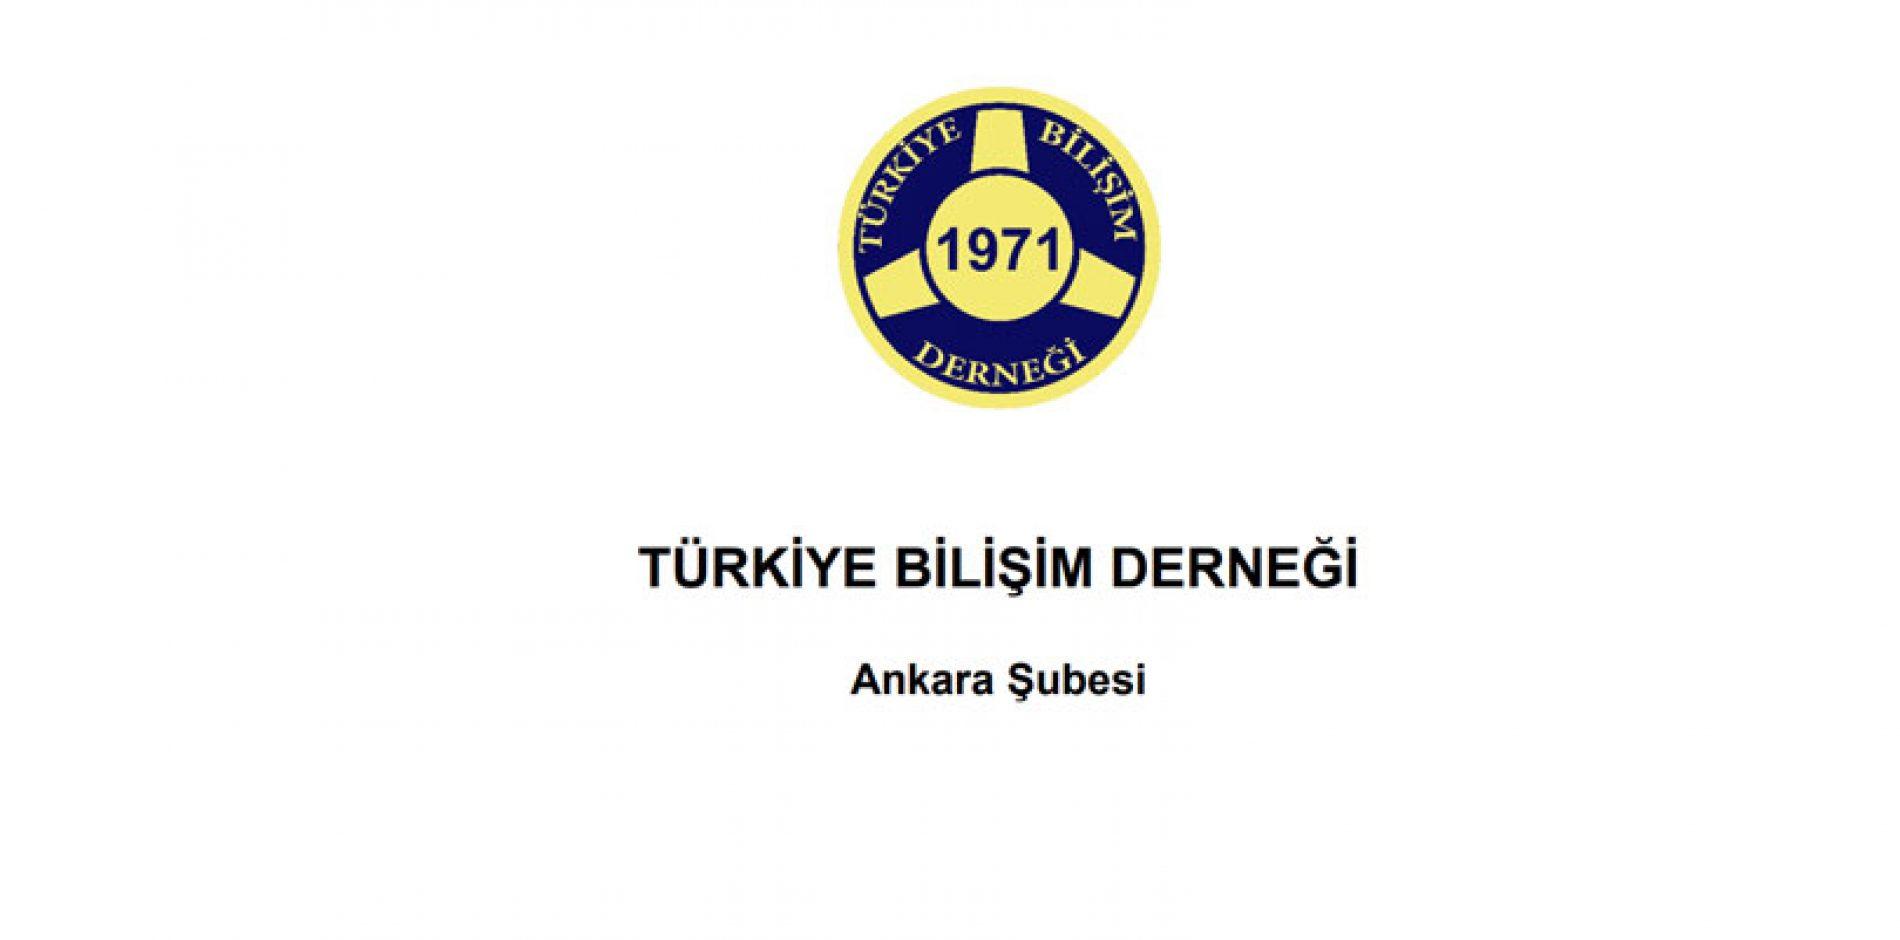 TBD Ankara Şubesi 2019-2021 7. Dönem Çalışma Dönemi Faaliyet Raporu